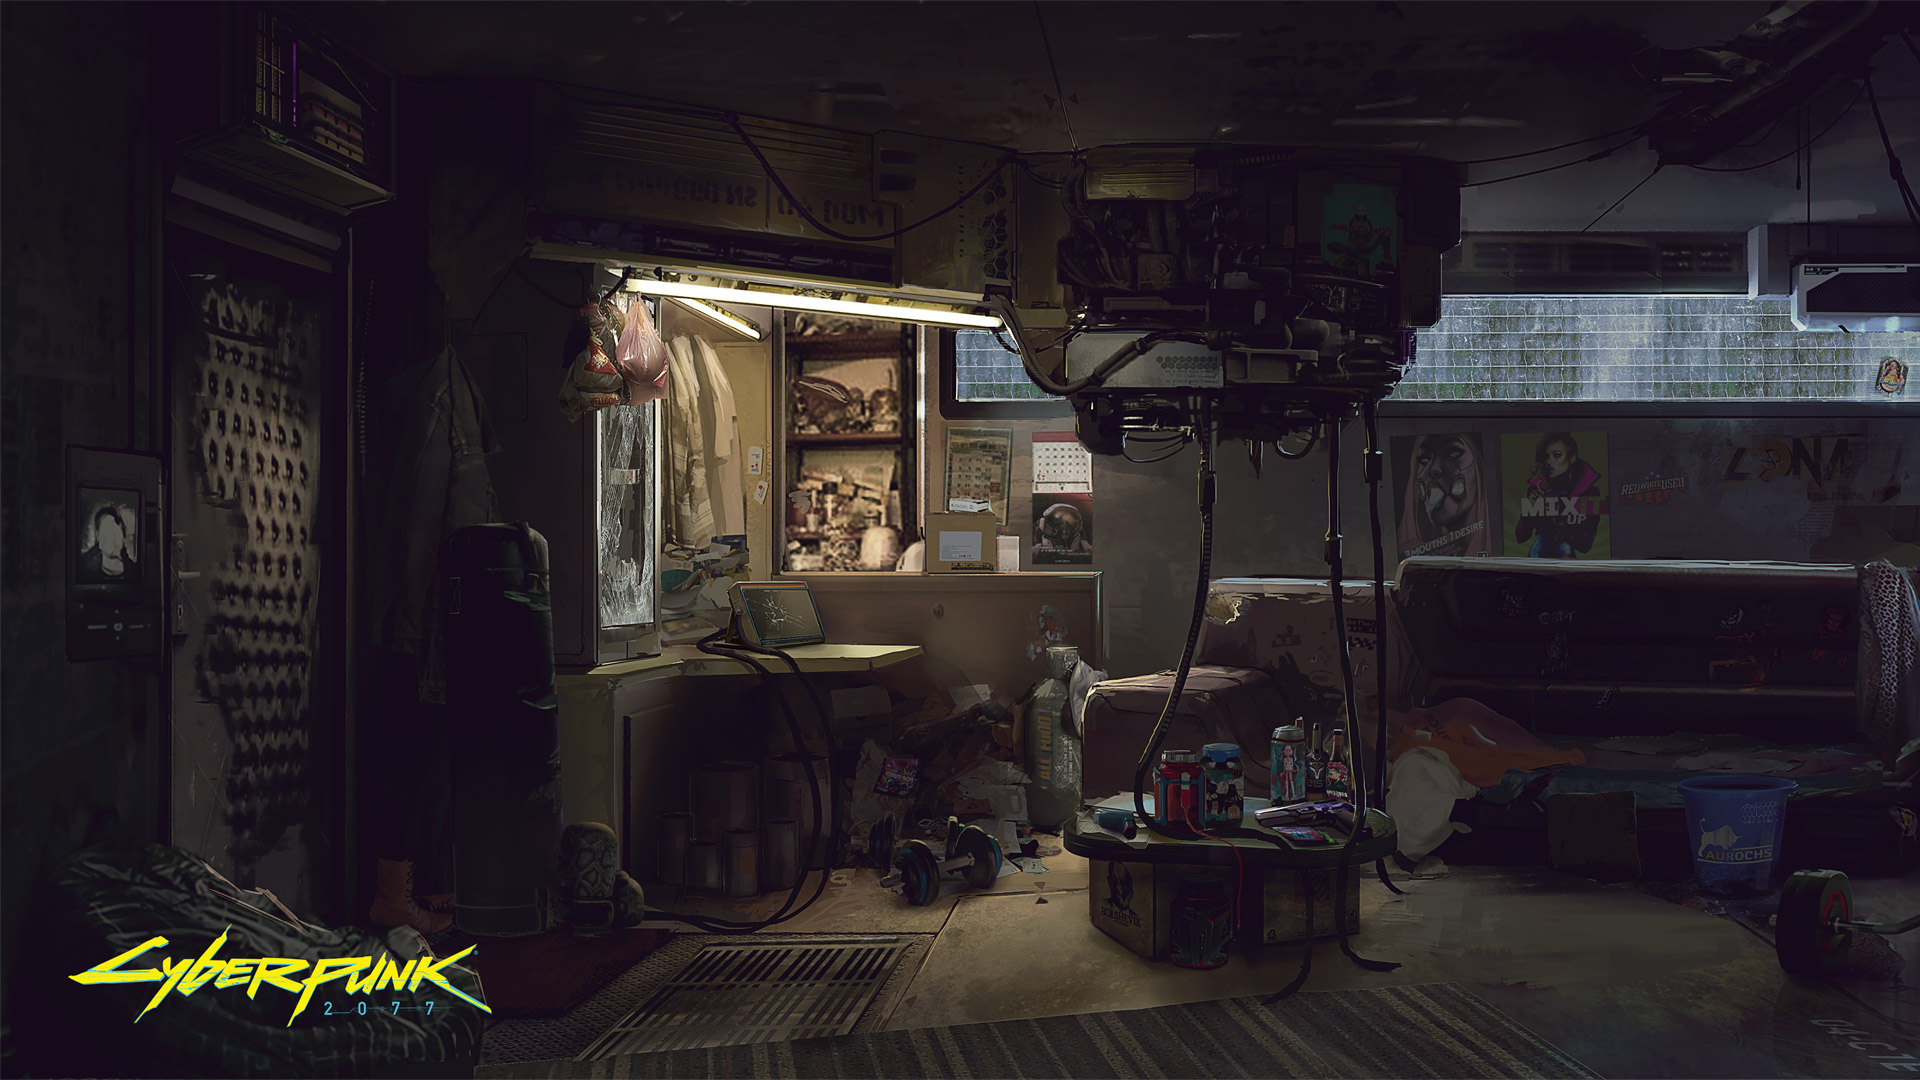 Free Cyberpunk 2077 Wallpaper in 1920x1080